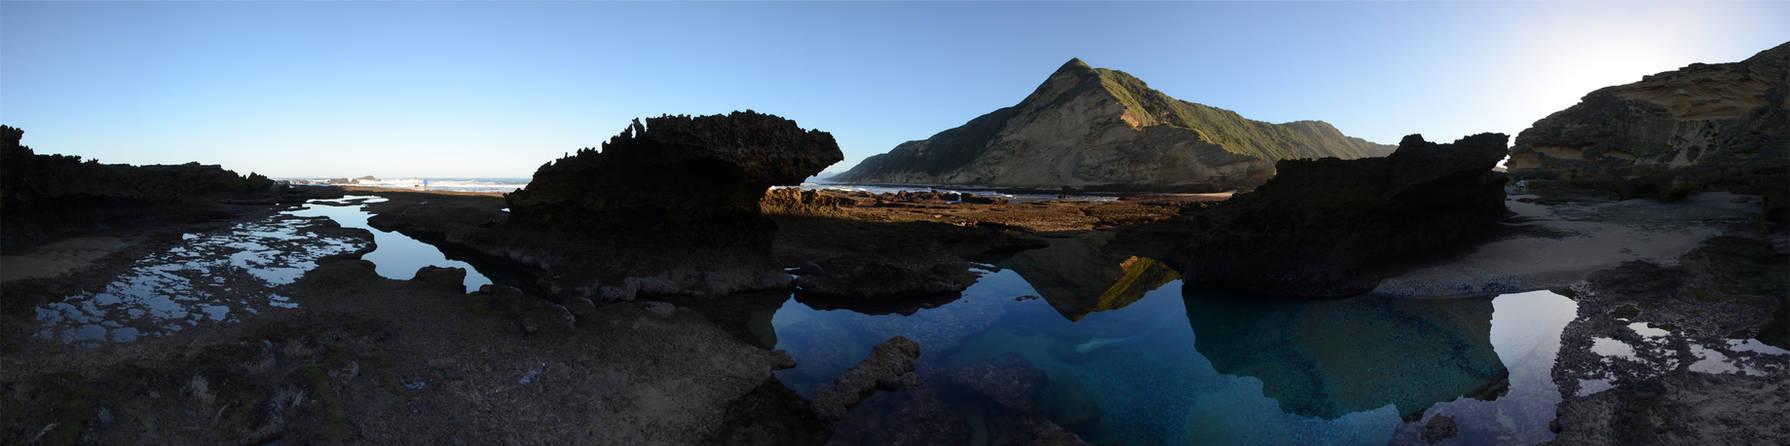 Whale Bone Tide Pool